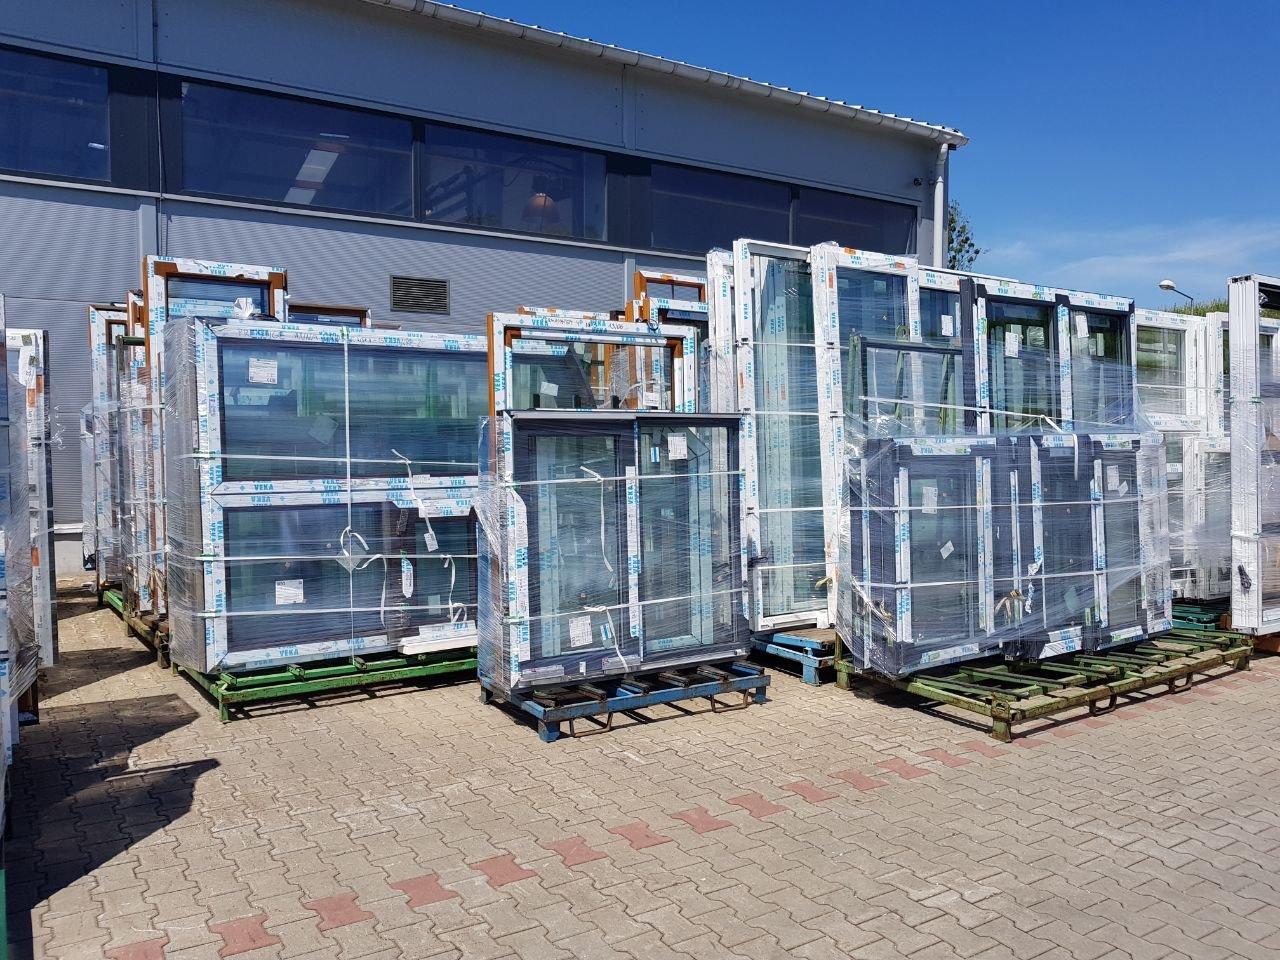 Full Size of Polnische Fenster Sonnenschutzfolie Kaufen In Polen Aron Alu Teleskopstange Online Konfigurieren Schüco Preise De Kbe Einbruchschutz Stange Velux Fenster Veka Fenster Preise